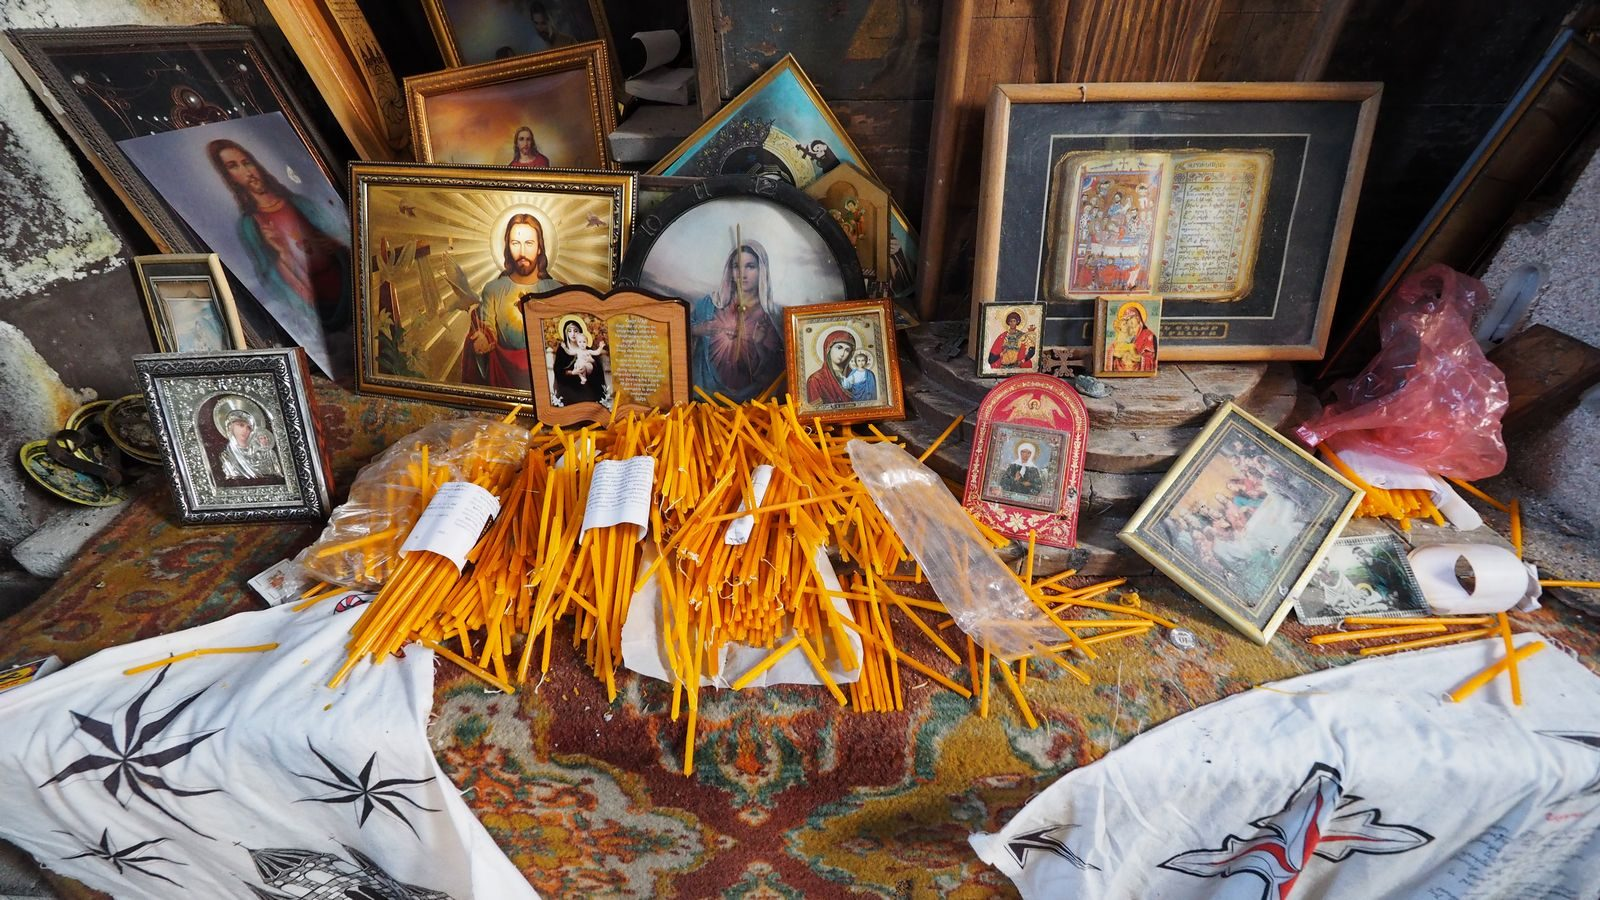 Radreise Armenien - Heilig-Kreuz-Kirche am Yeratumber-Vulkan